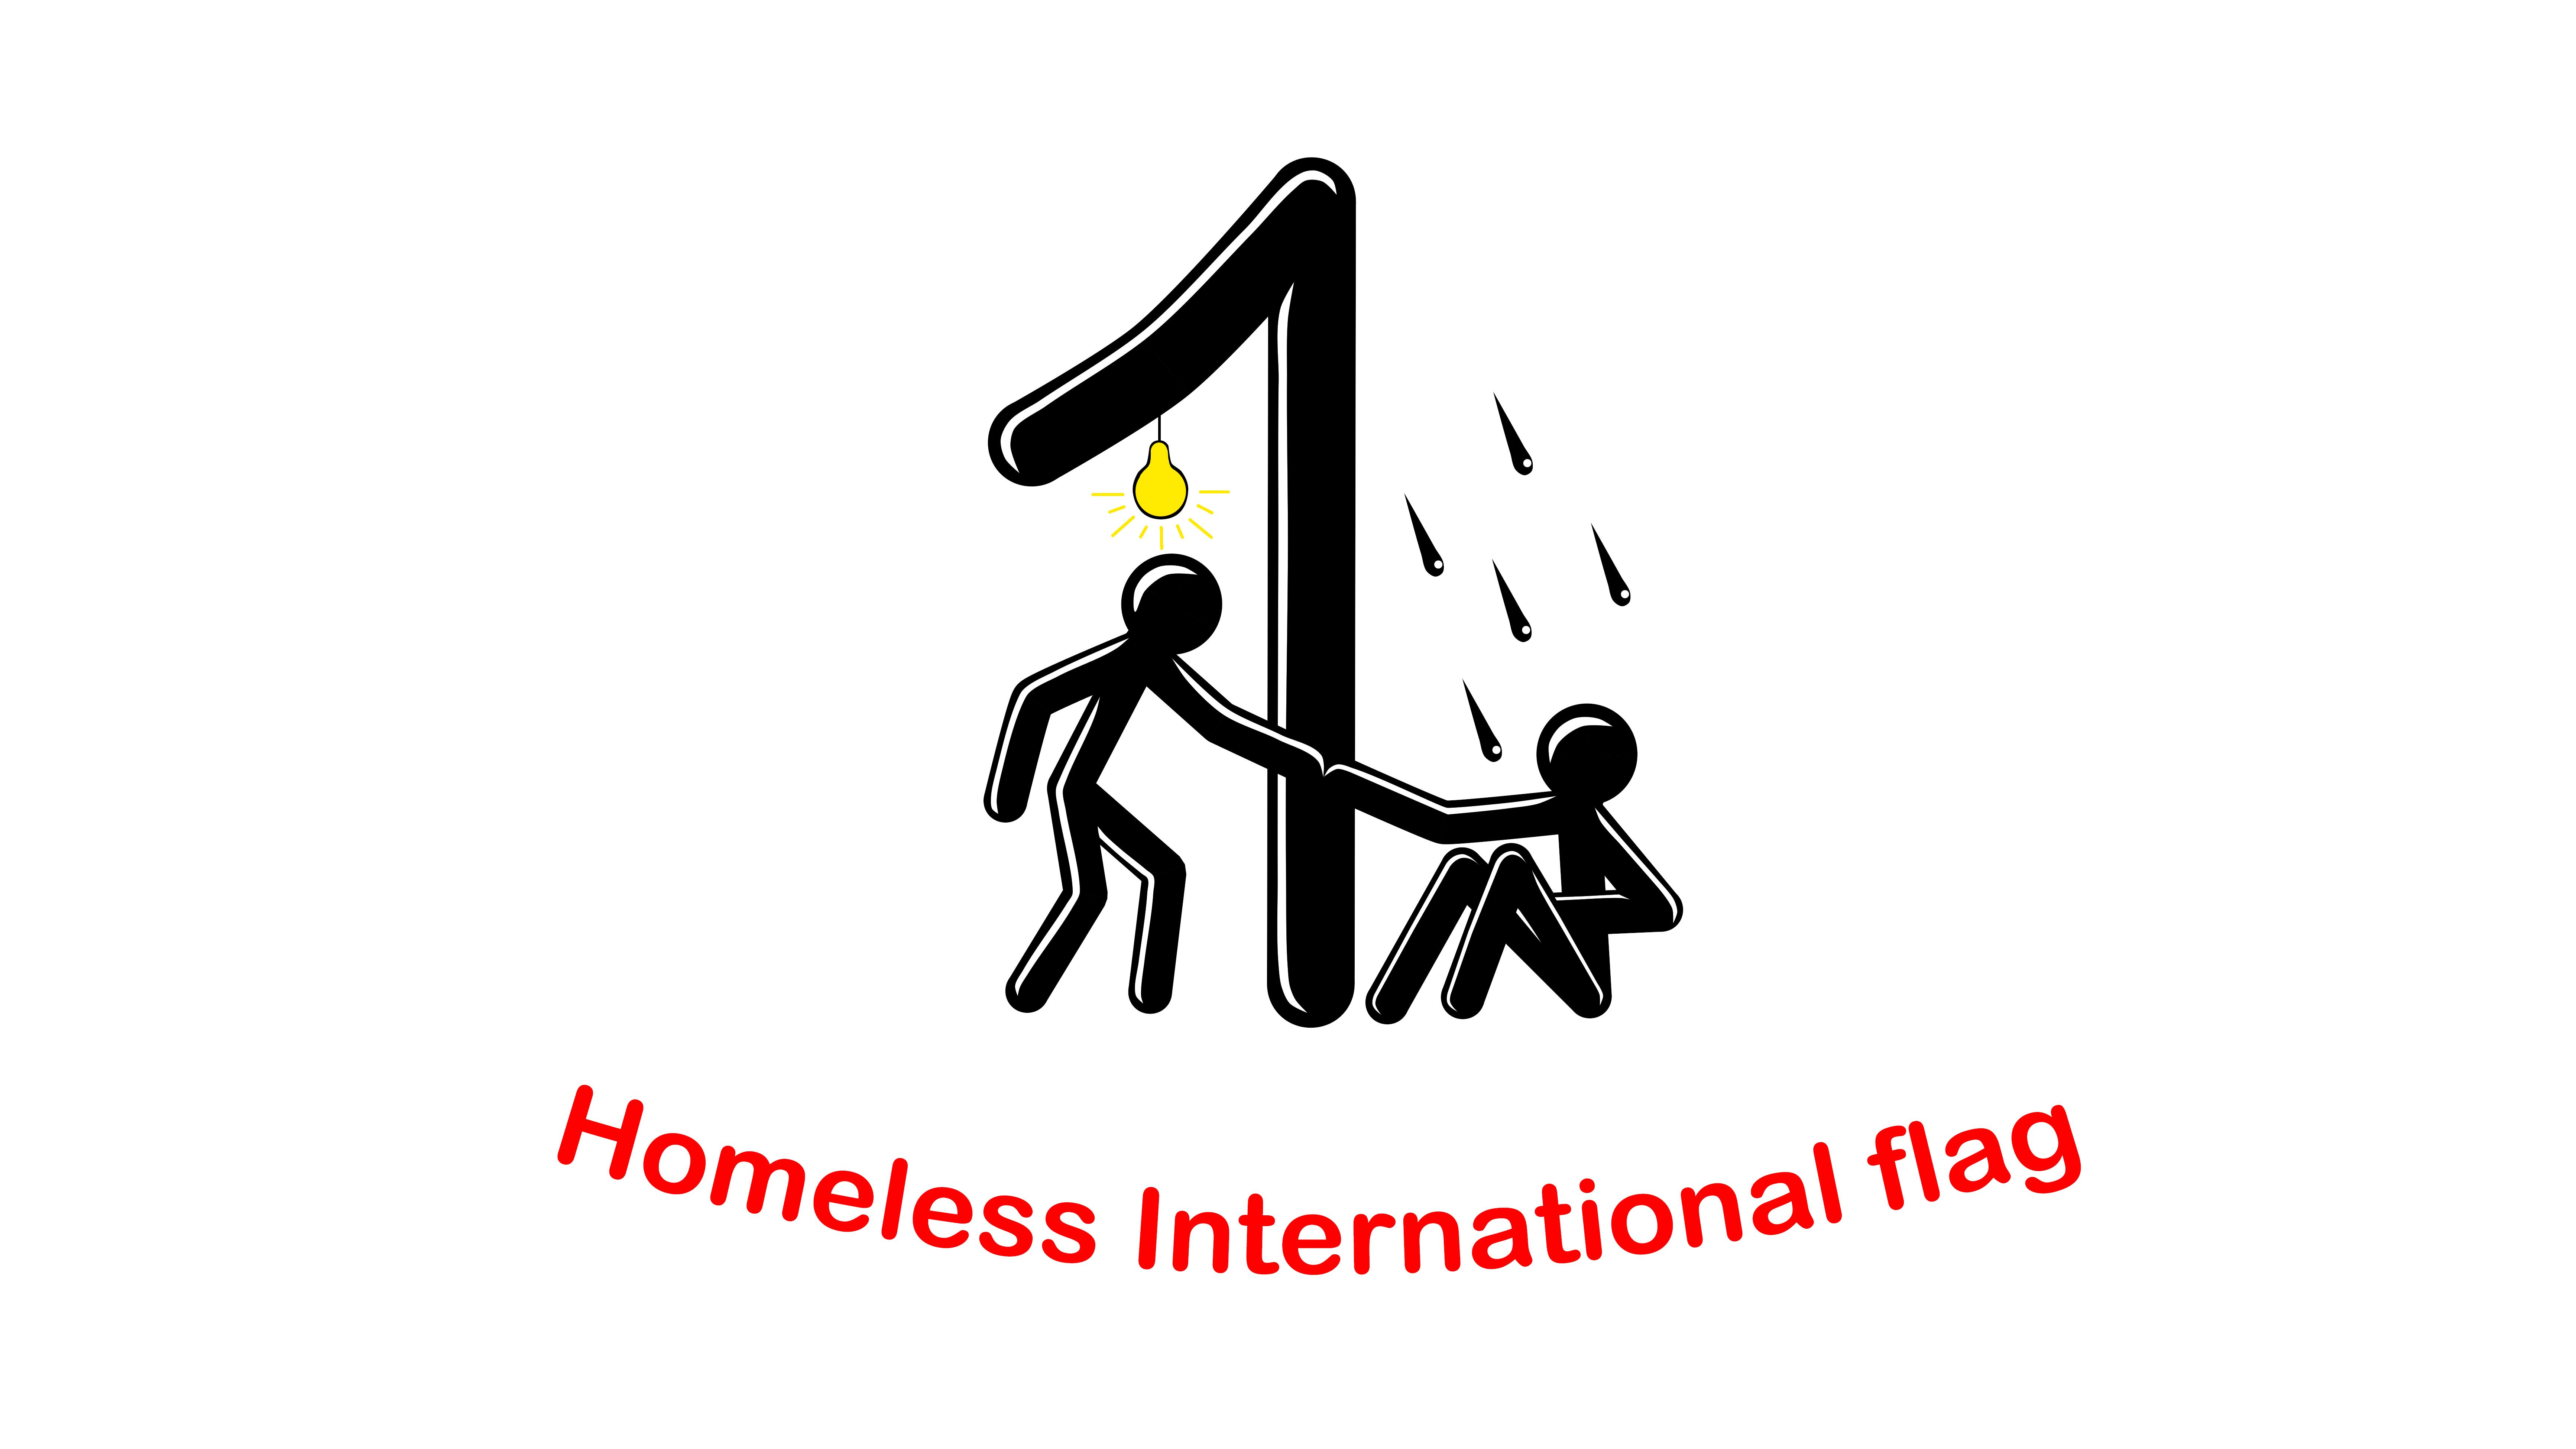 Homeless International Flag